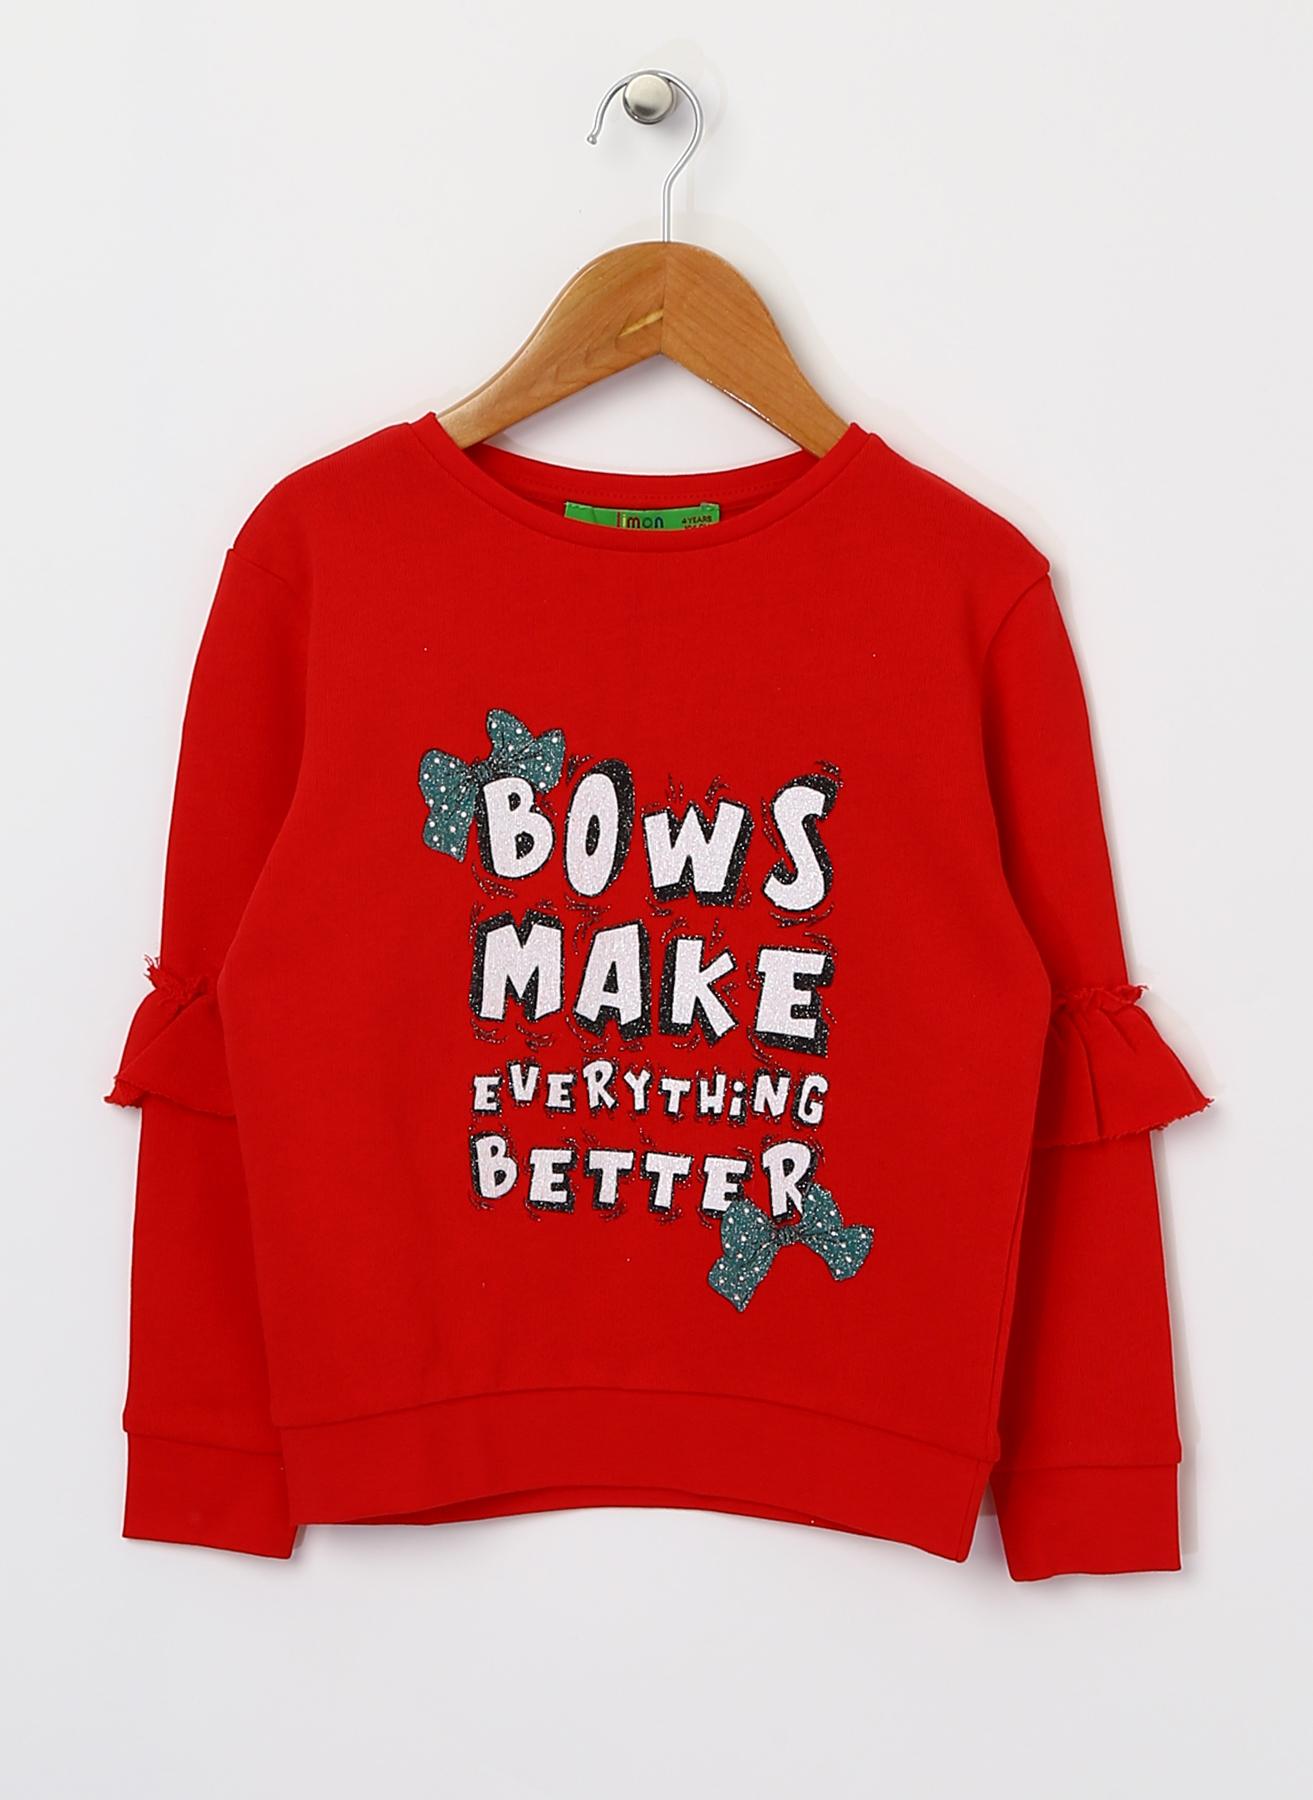 Limon Yazılı Kırmızı Sweatshirt 7-8 Yaş 5001628976005 Ürün Resmi